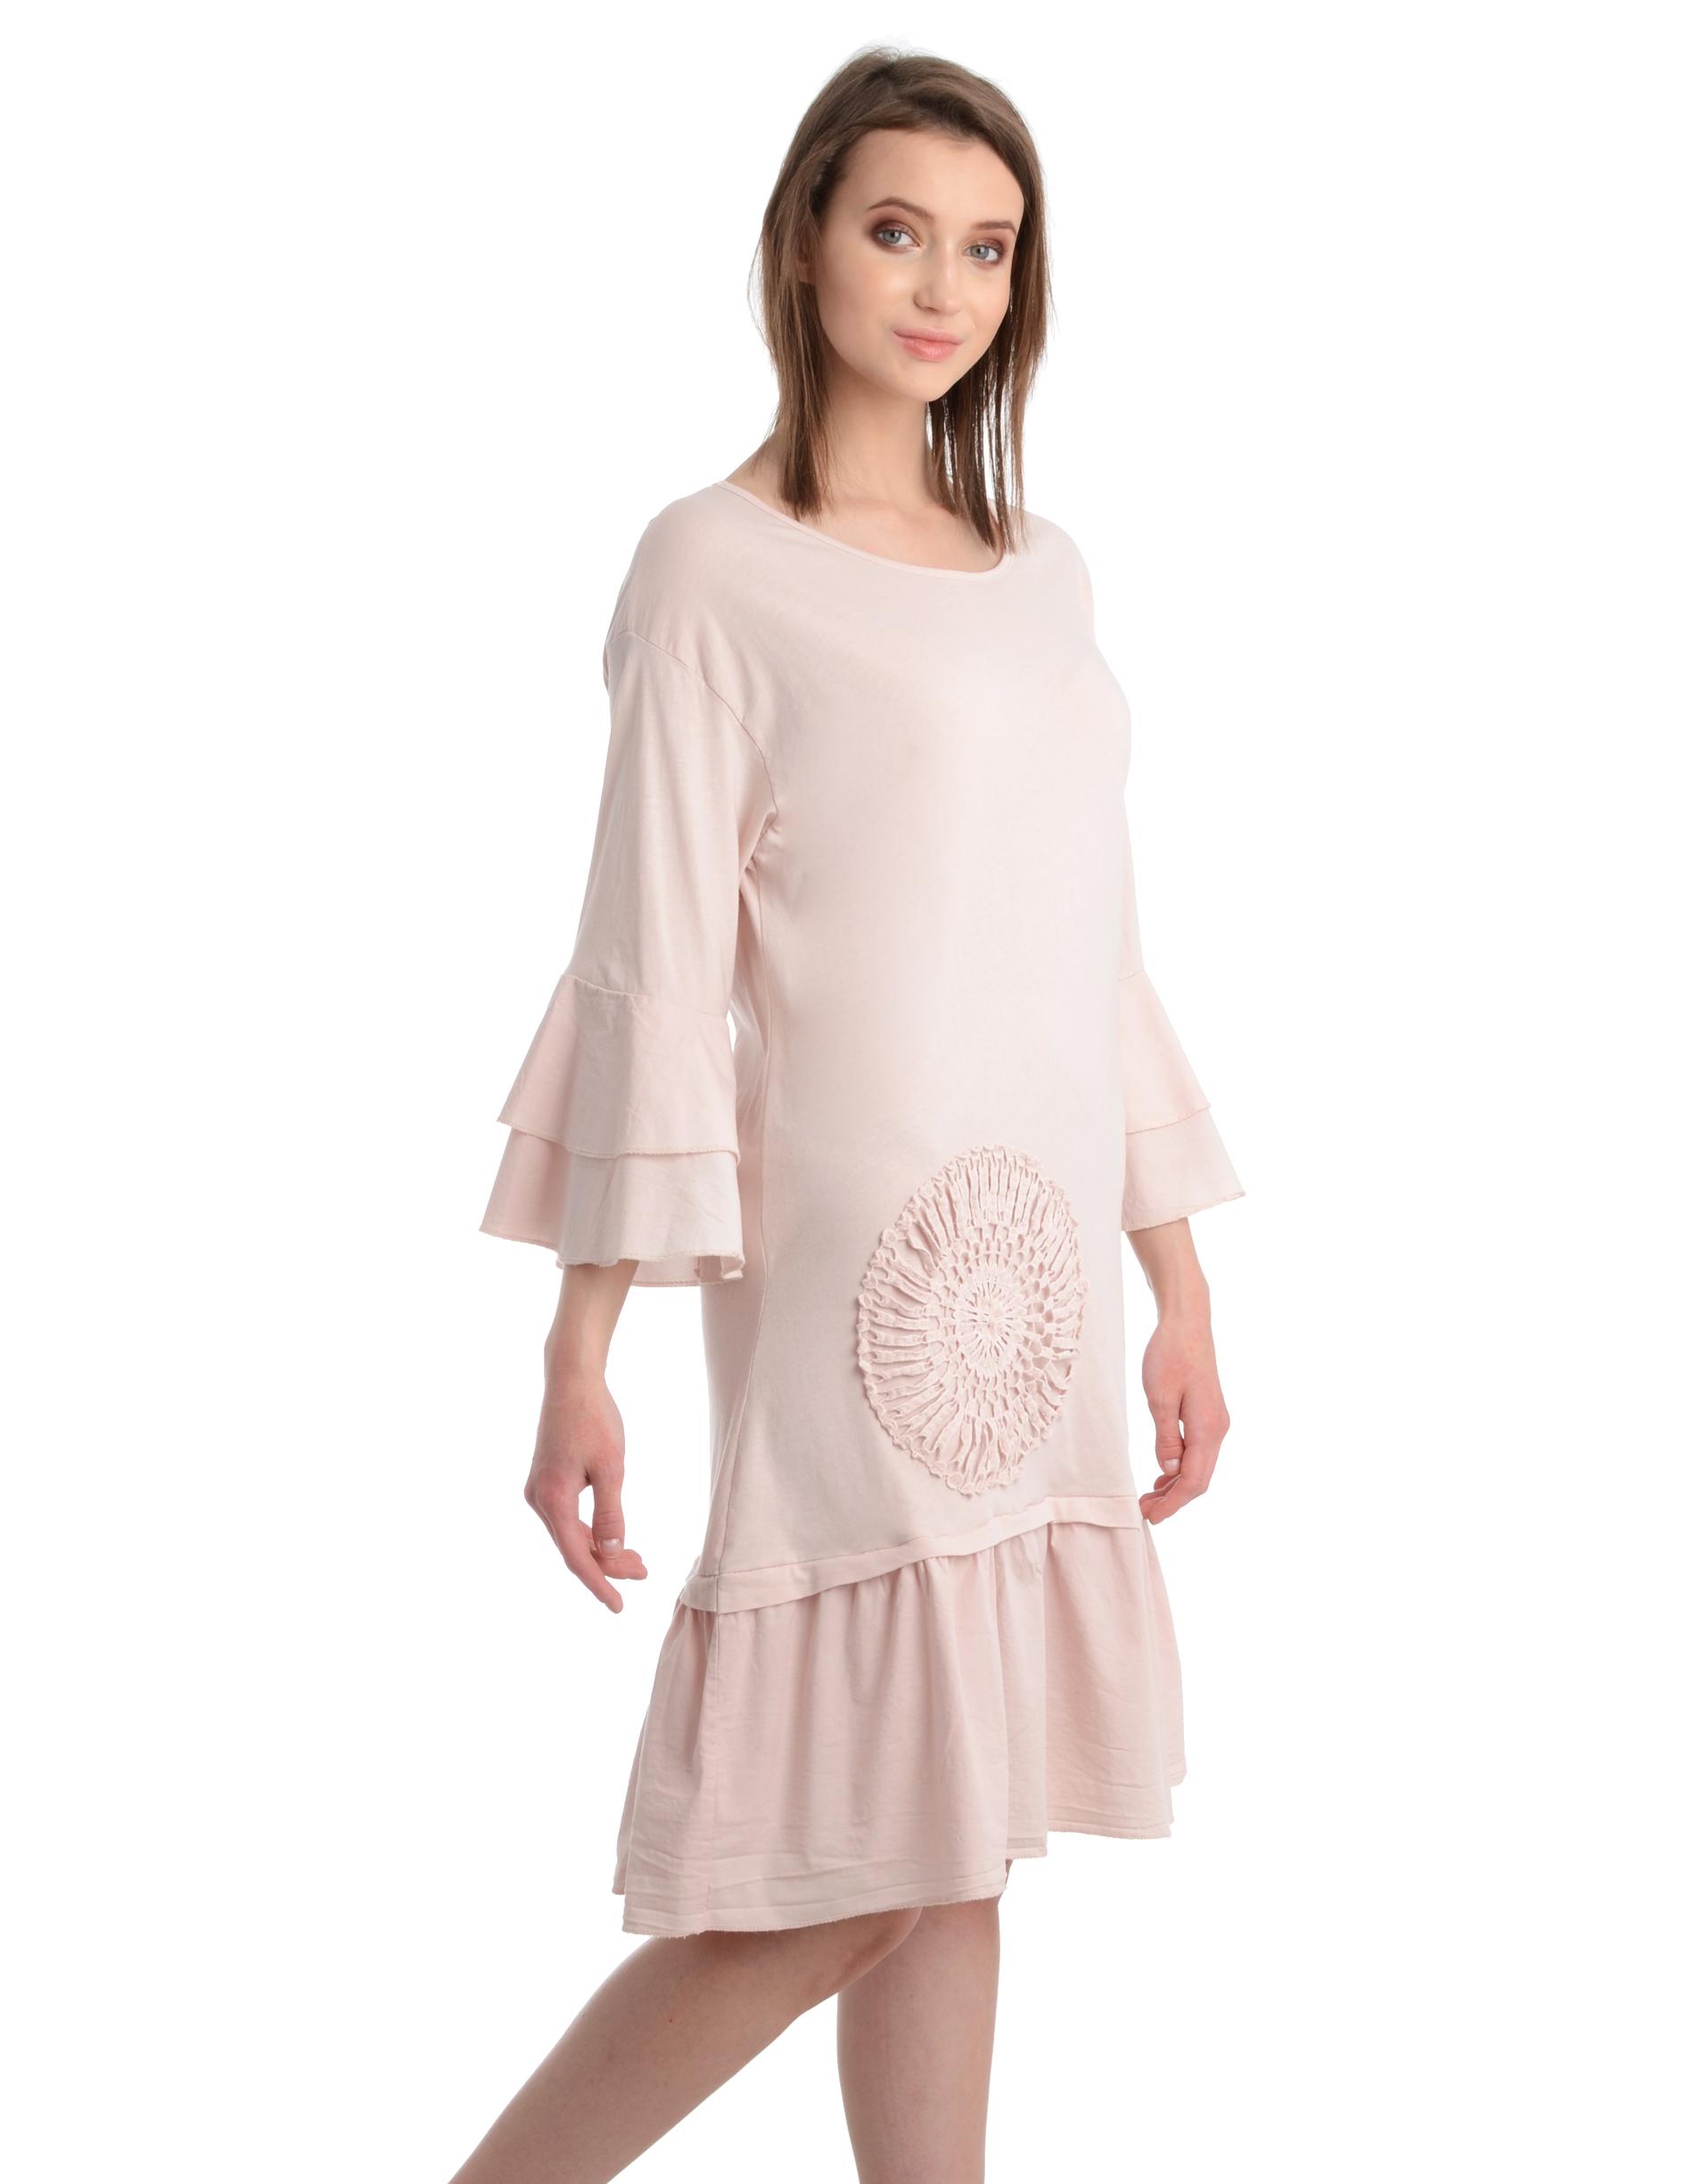 Sukienka - 62-5663 ROSA - Unisono